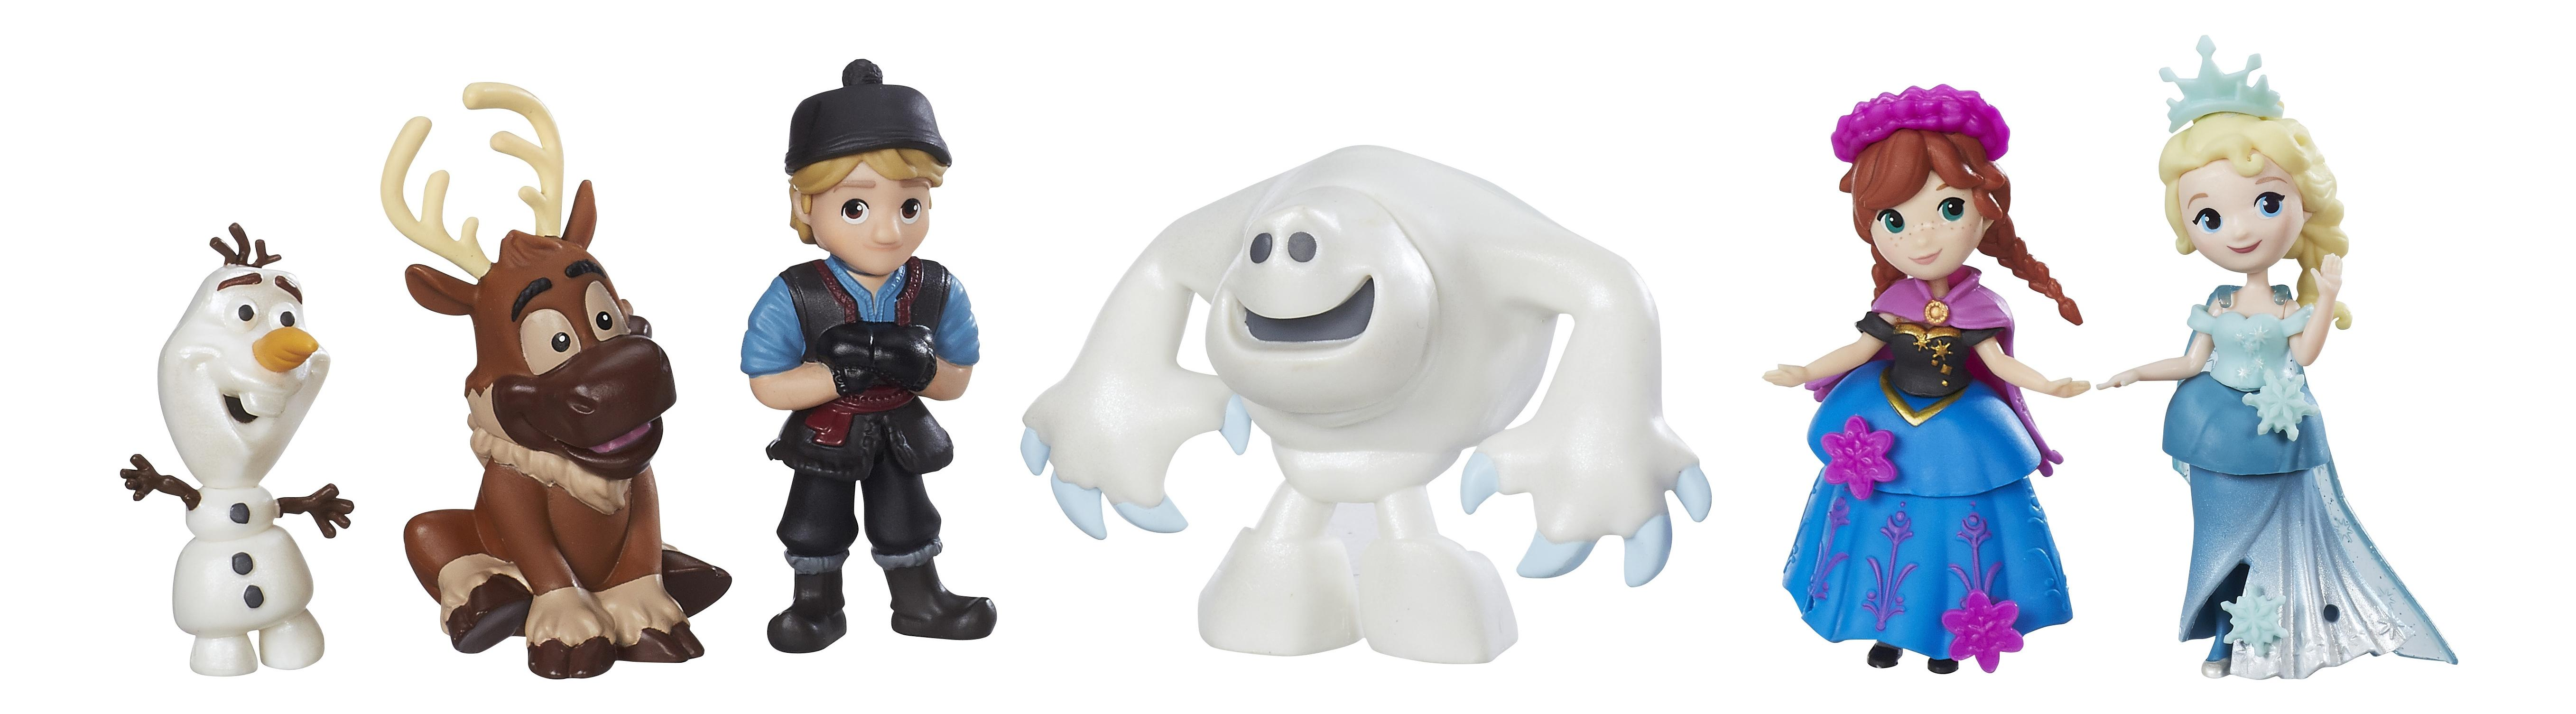 Купить Фигурки персонажей frozen c1118, Disney Princess, Игровые наборы